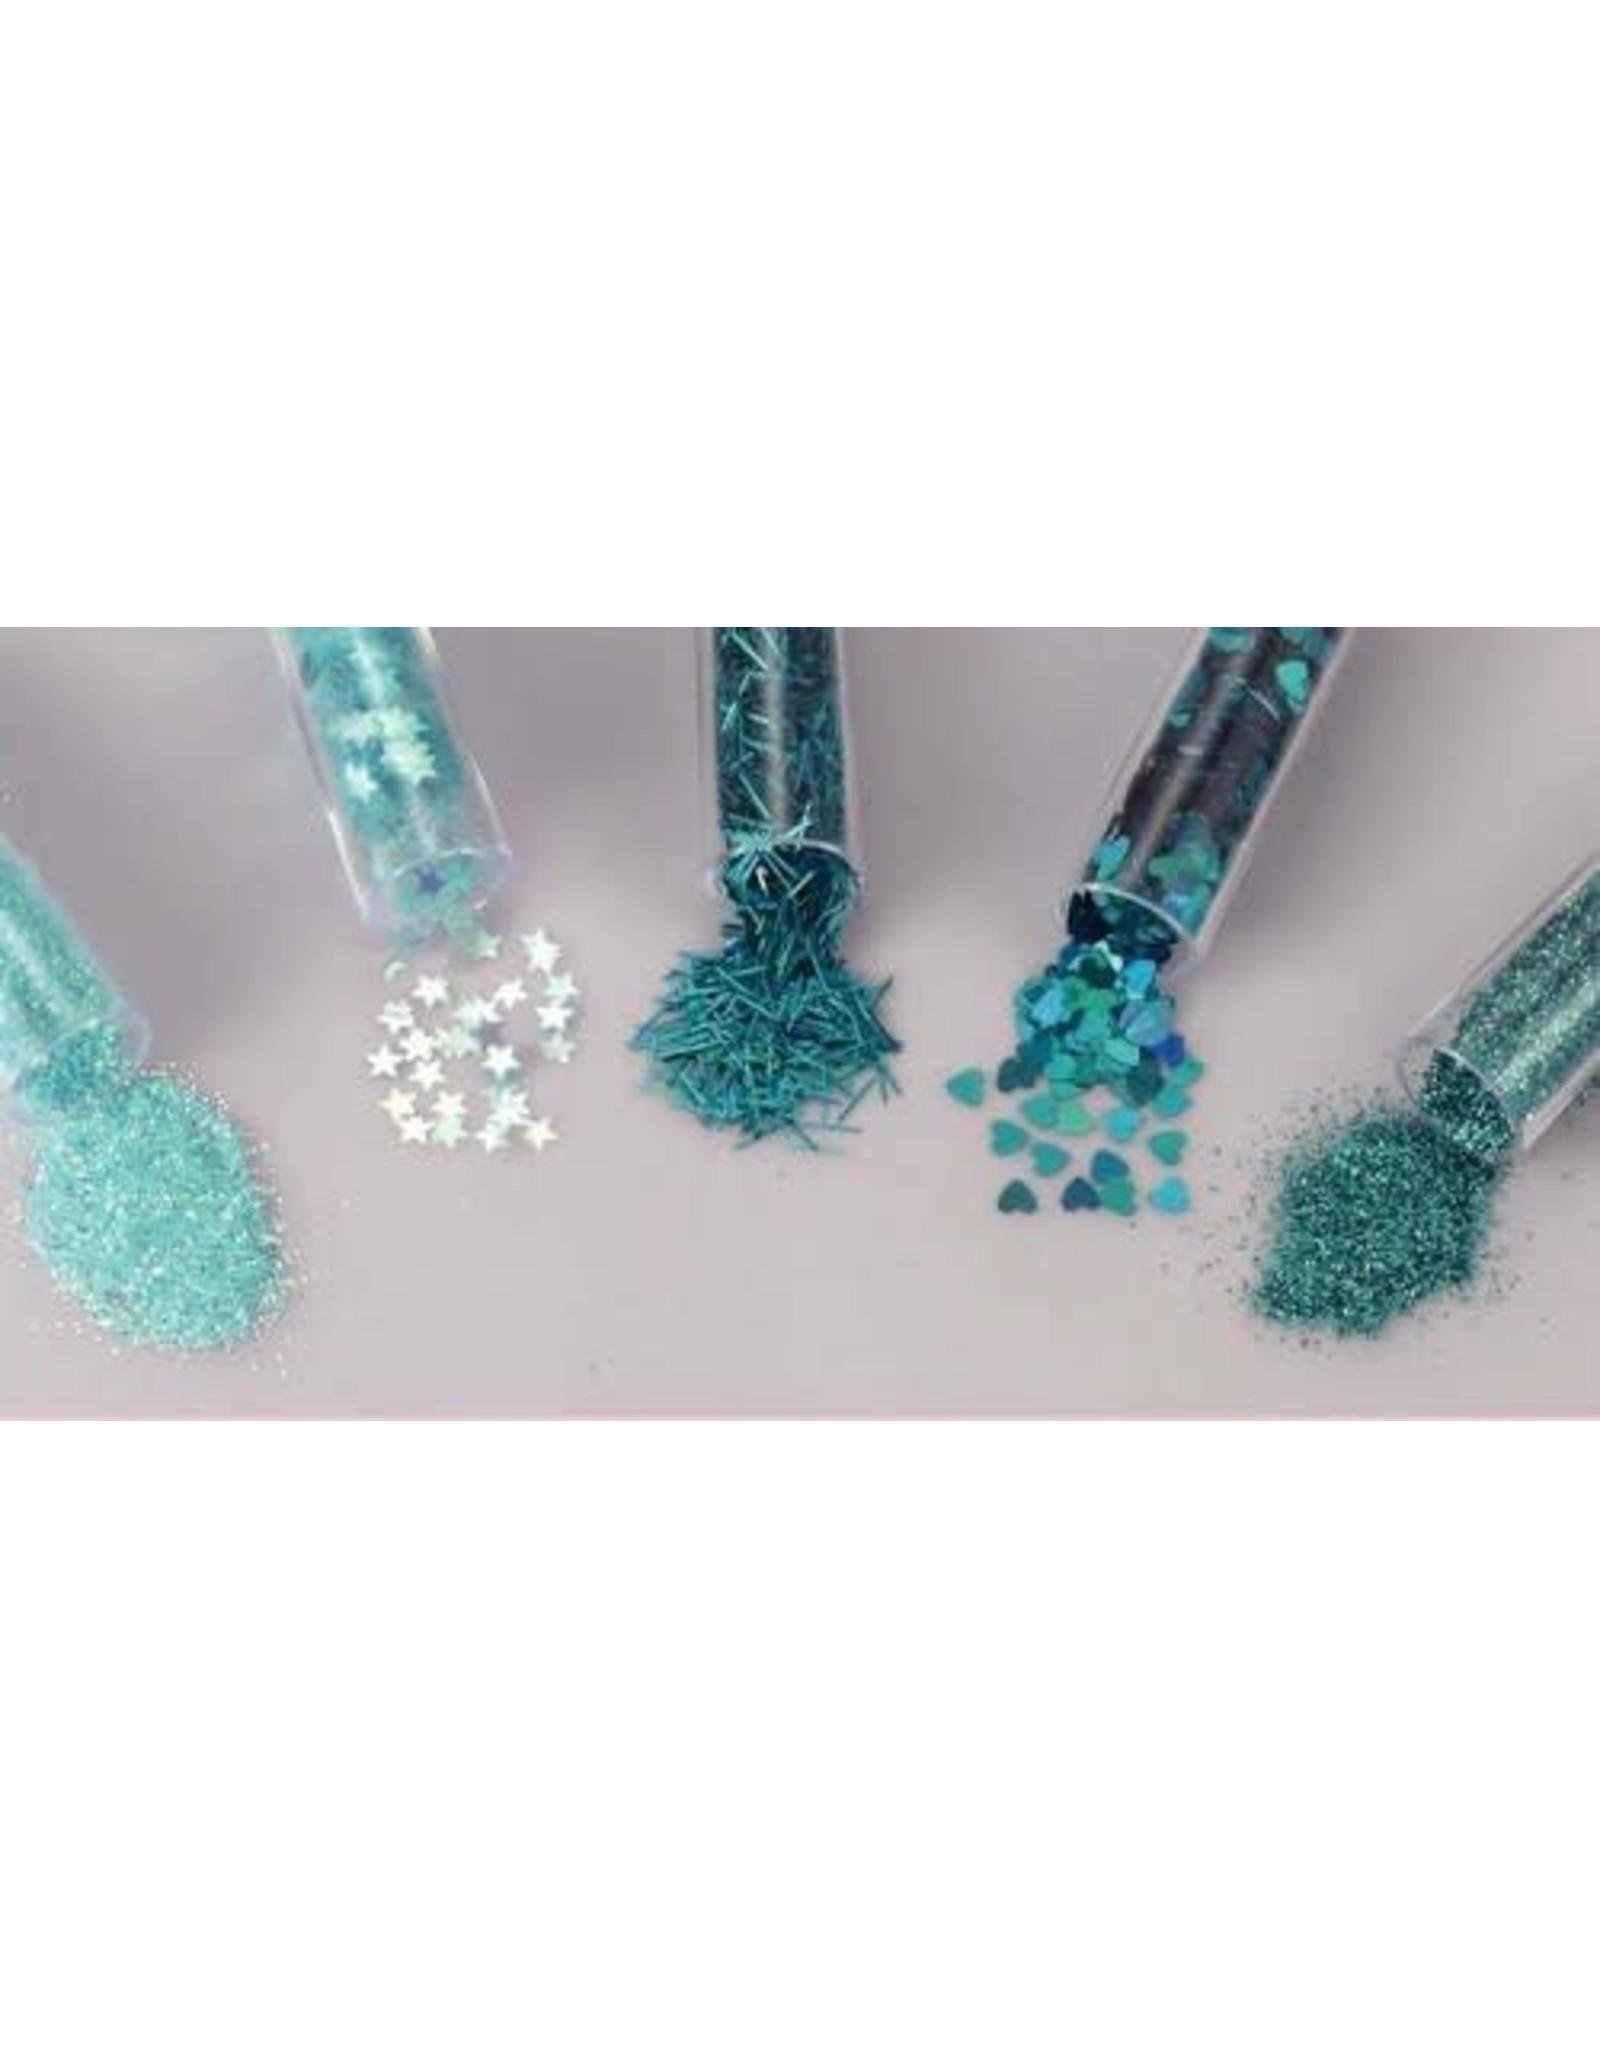 Schutmaterialen Glitterset assorti Fairy Tale 1.8 GR 5 ST